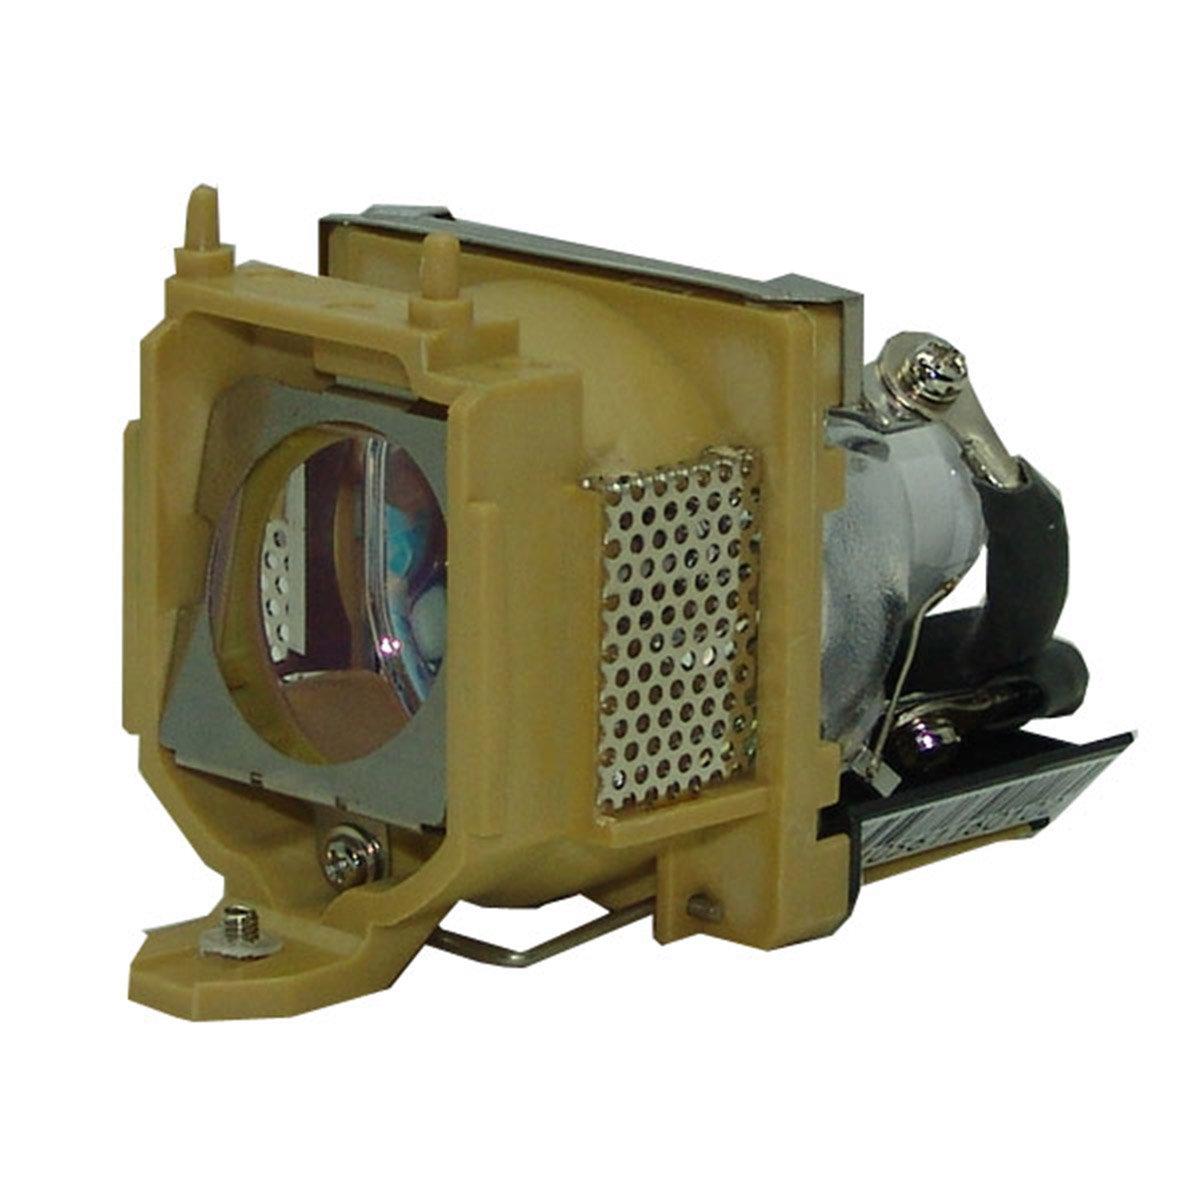 Lutema 59.J9301.CG1-L02 BenQ 59.J9301.CG1 LCD/DLP Projector Lamp, Premium